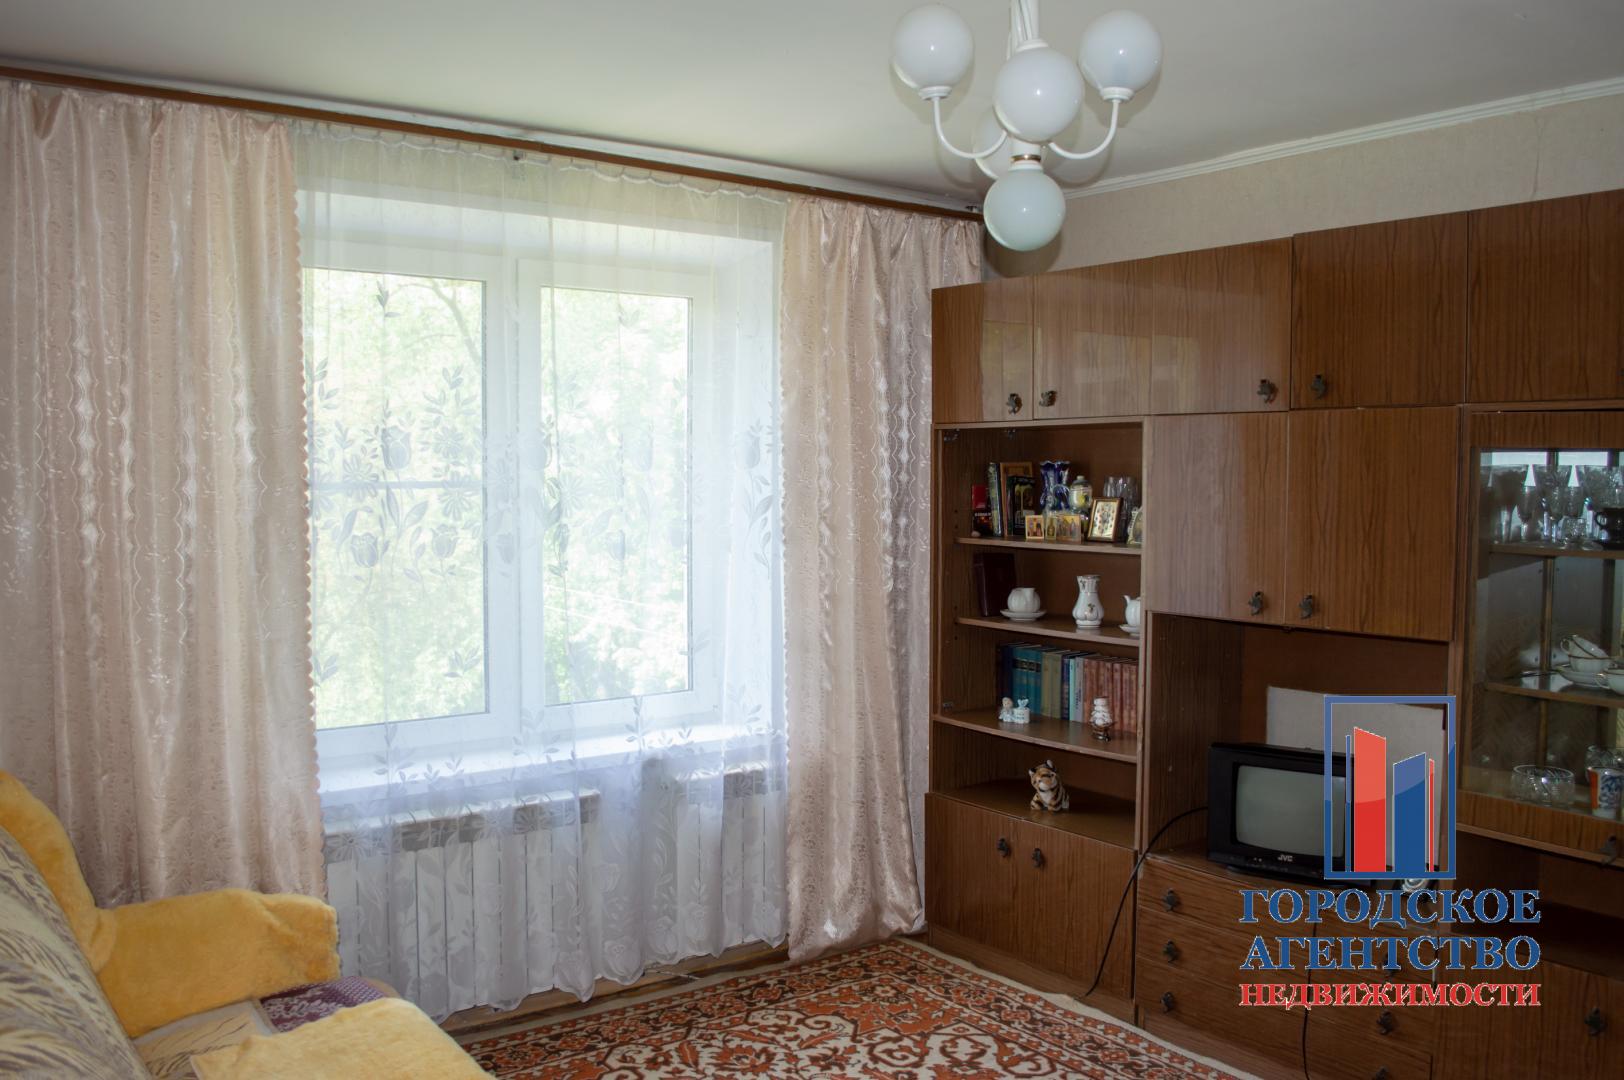 Квартира на продажу по адресу Россия, Московская область, городской округ Пущино, Пущино, микрорайон Г, 17